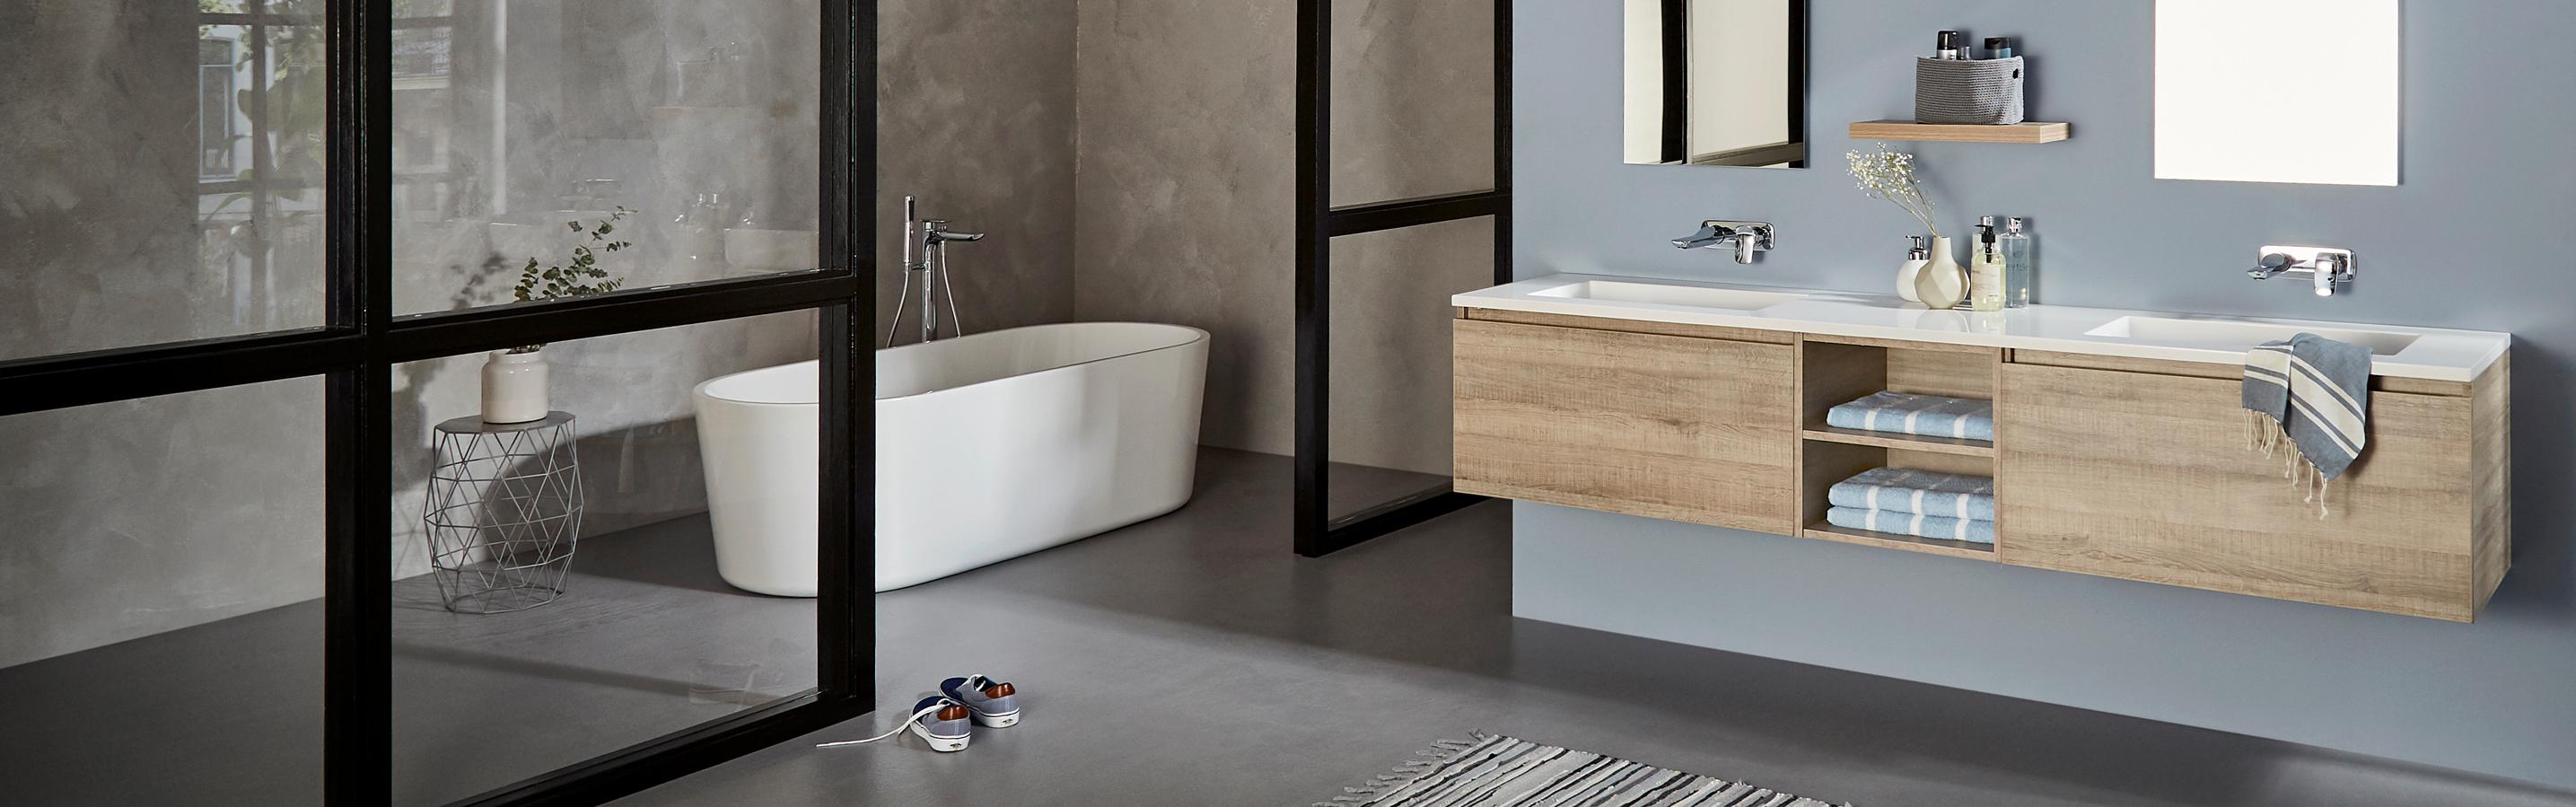 Home hek badkamers for Badkamer tekenen 3d